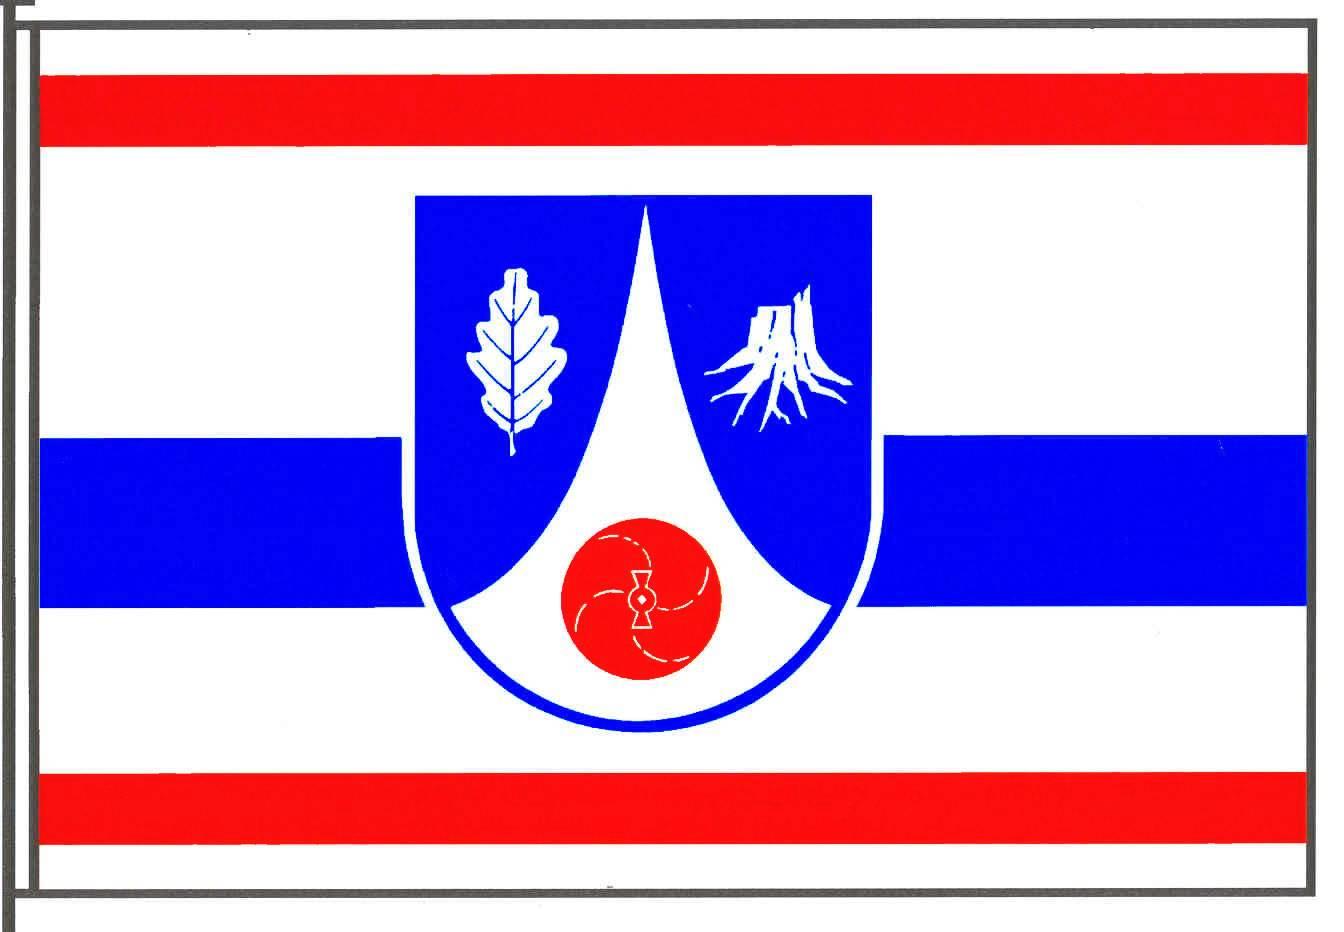 Flagge GemeindeNeuengörs, Kreis Segeberg